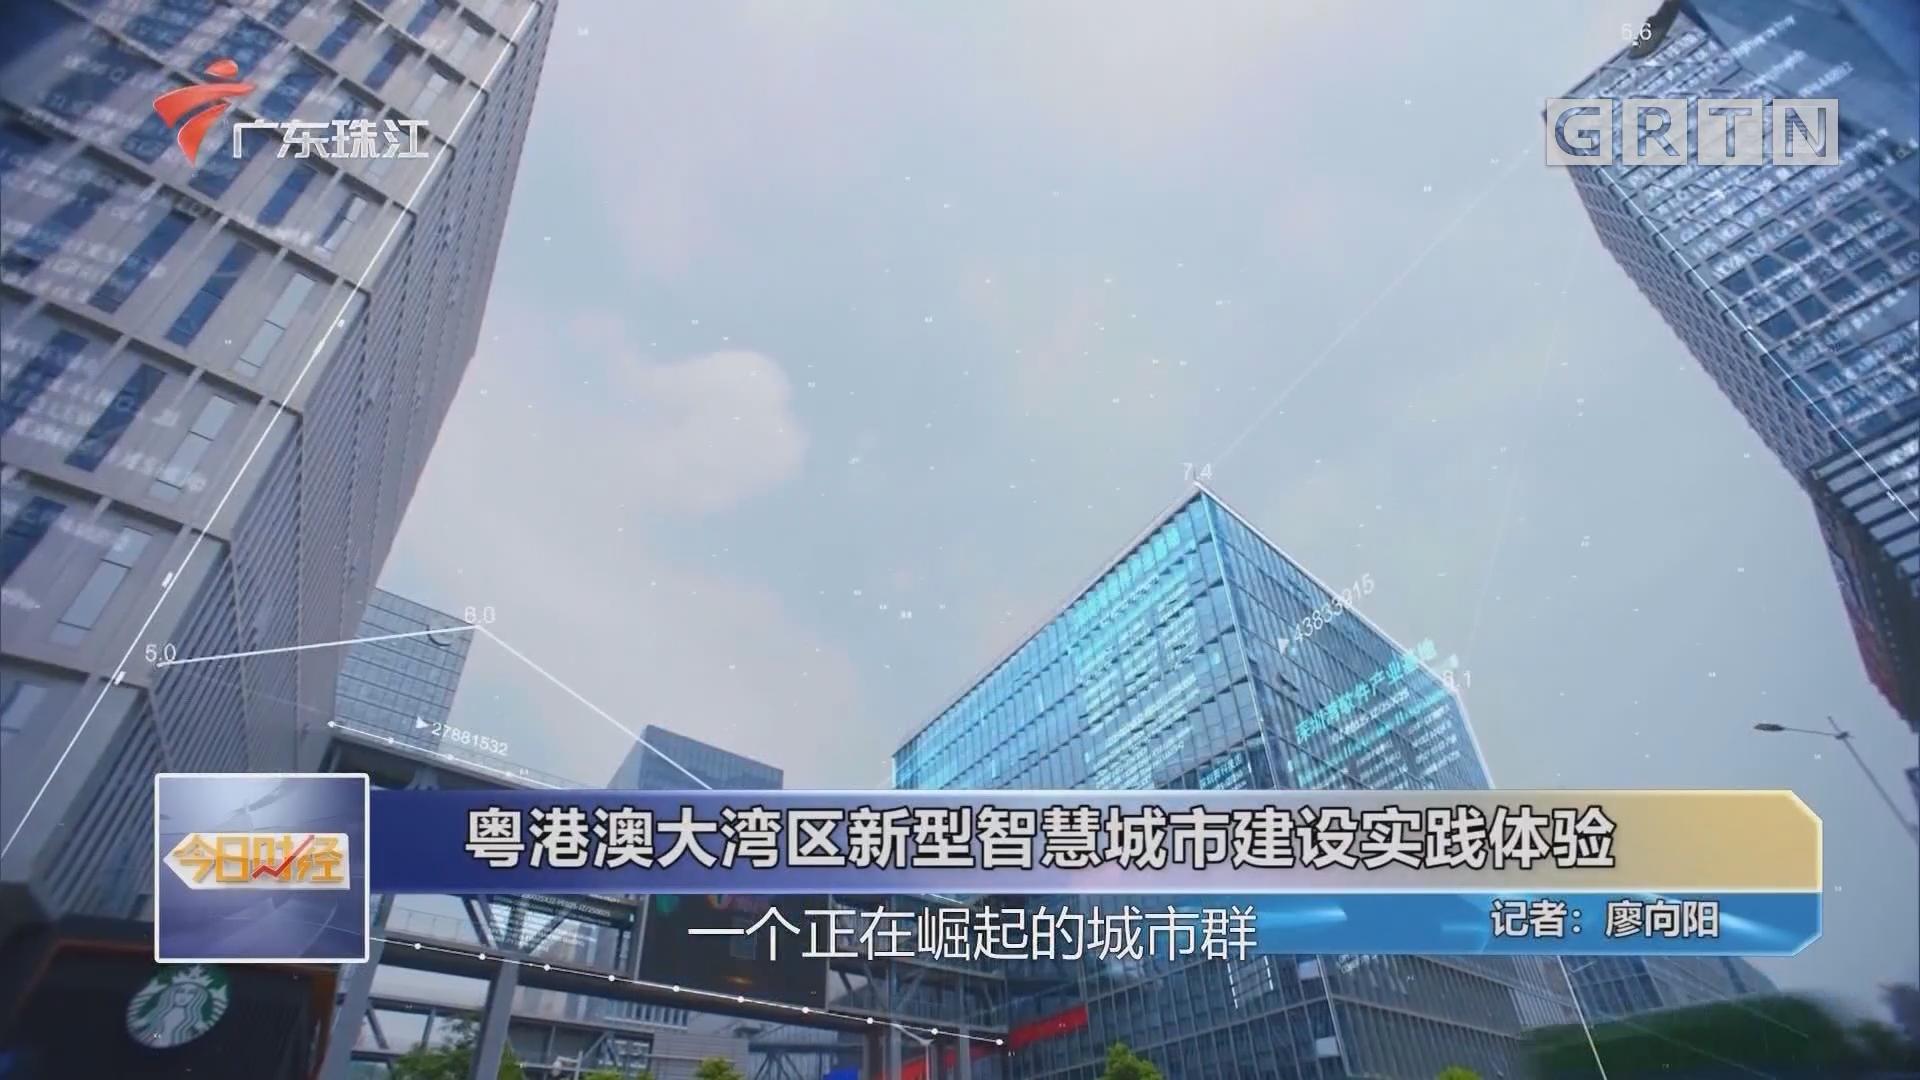 粤港澳大湾区新型智慧城市建设实践体验